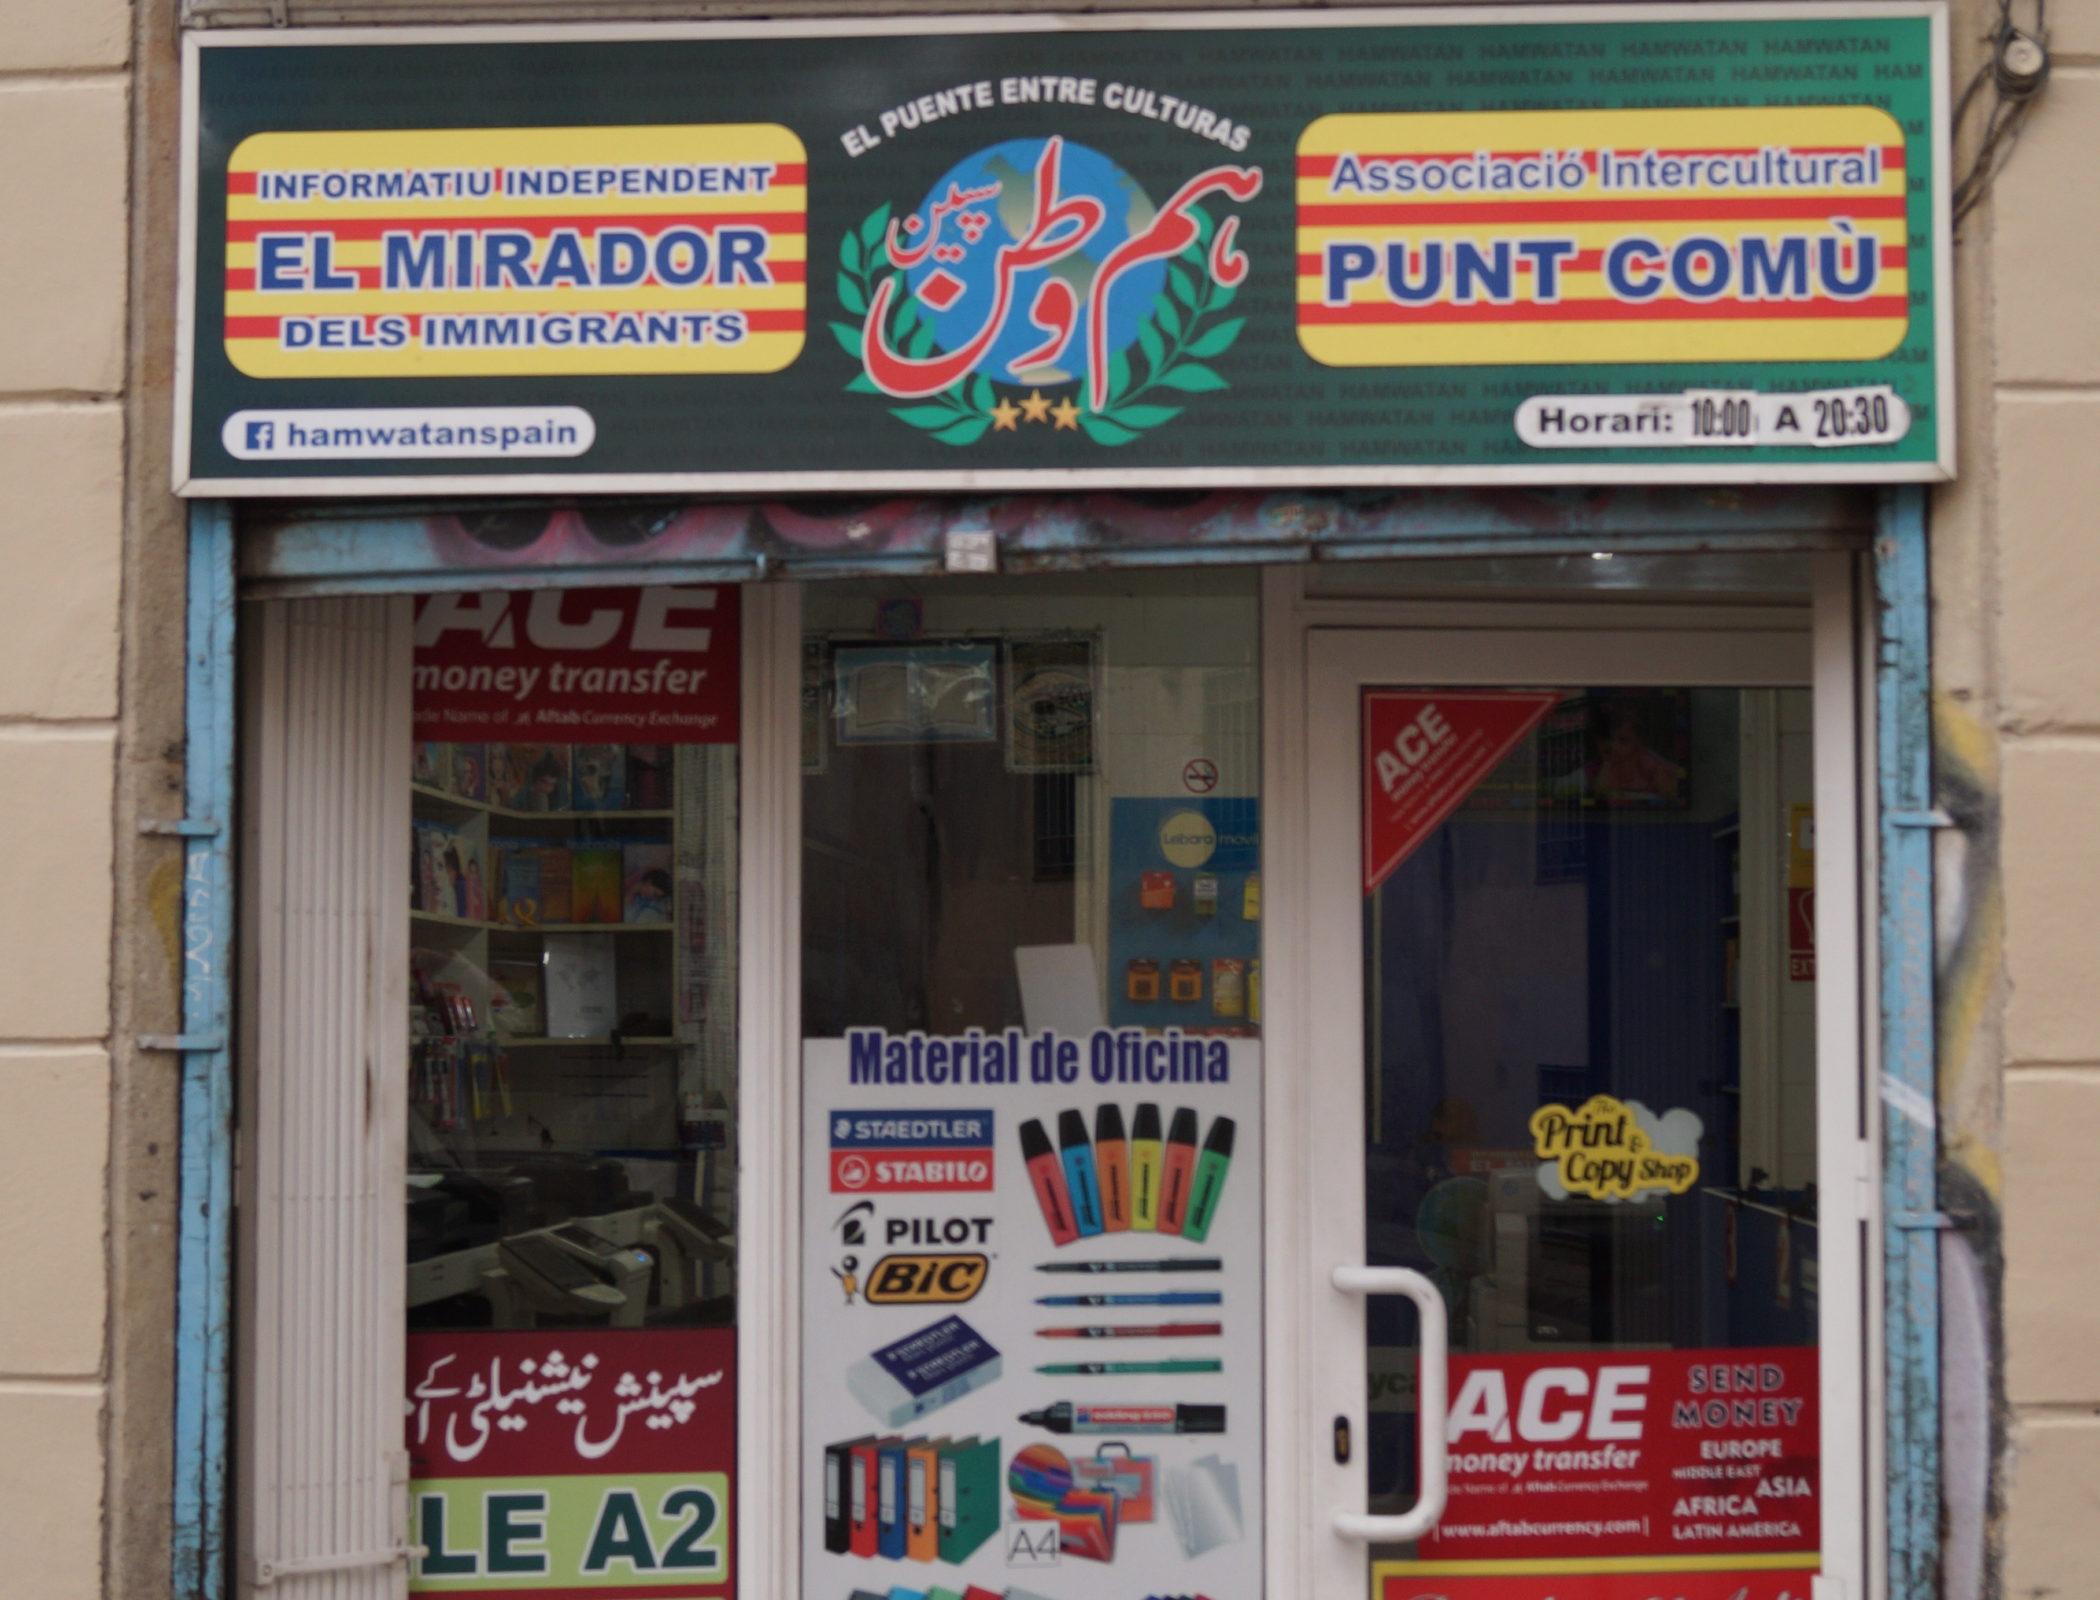 """Barcelone, le 26 février. Une boutique d'impression accueille également le siège de l'association de migrants """"Punt Comù"""" (point commun). © Juliette Desmonceaux"""